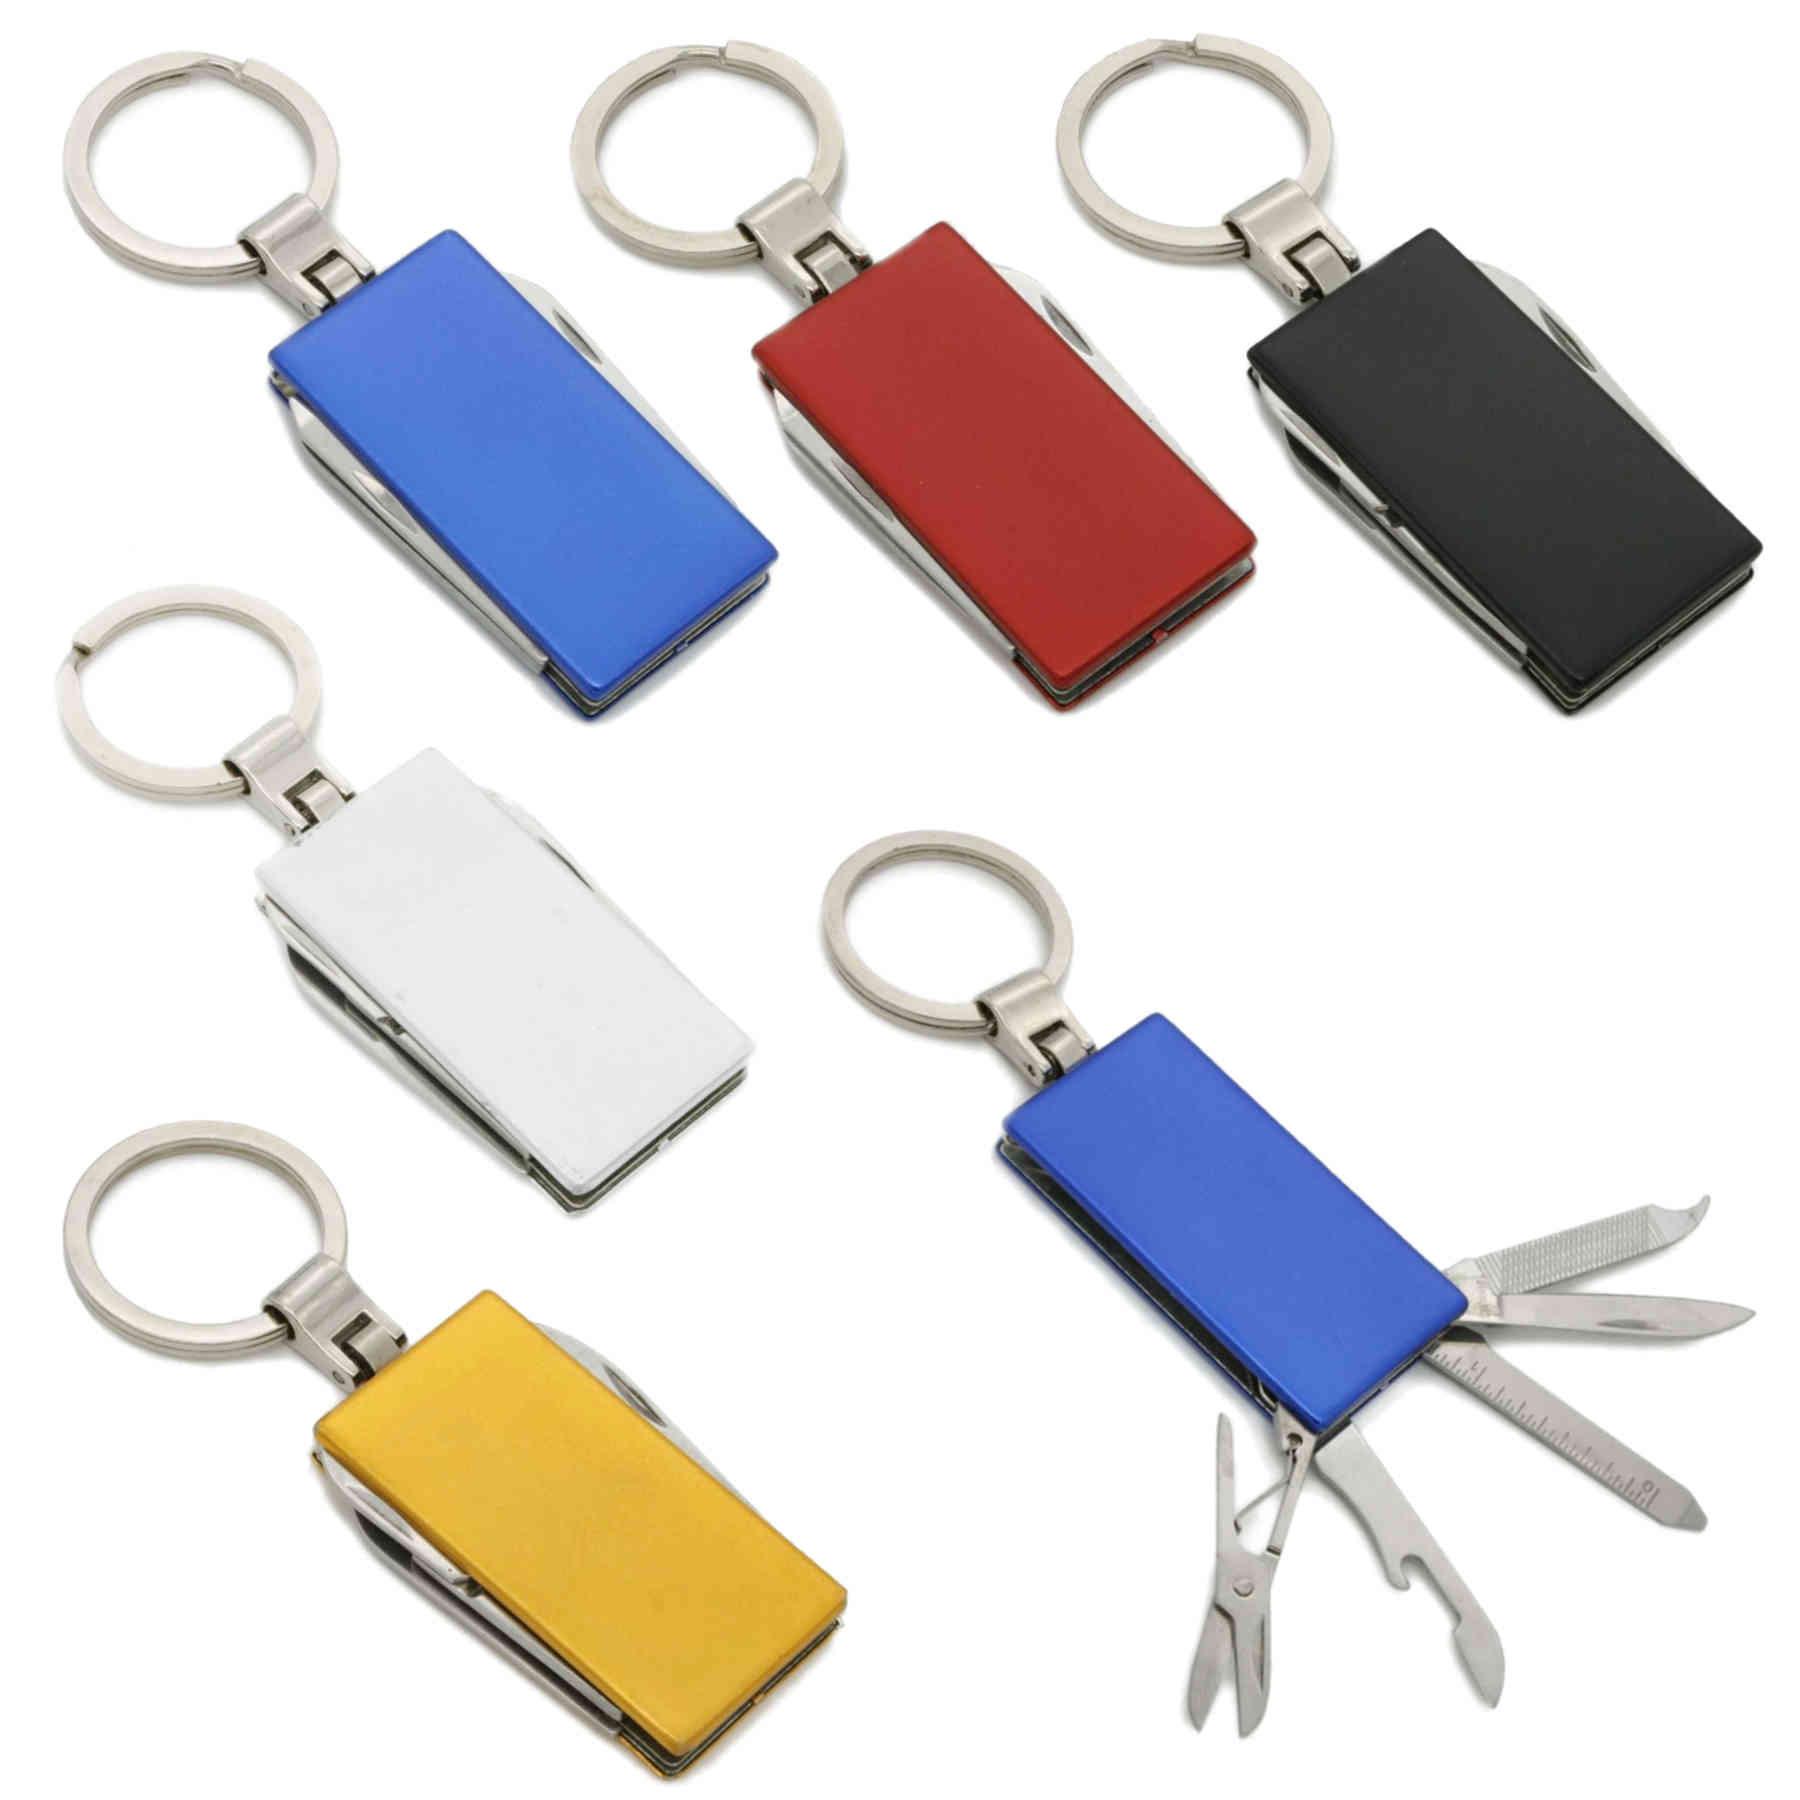 Llavero chapa 5 accesorios